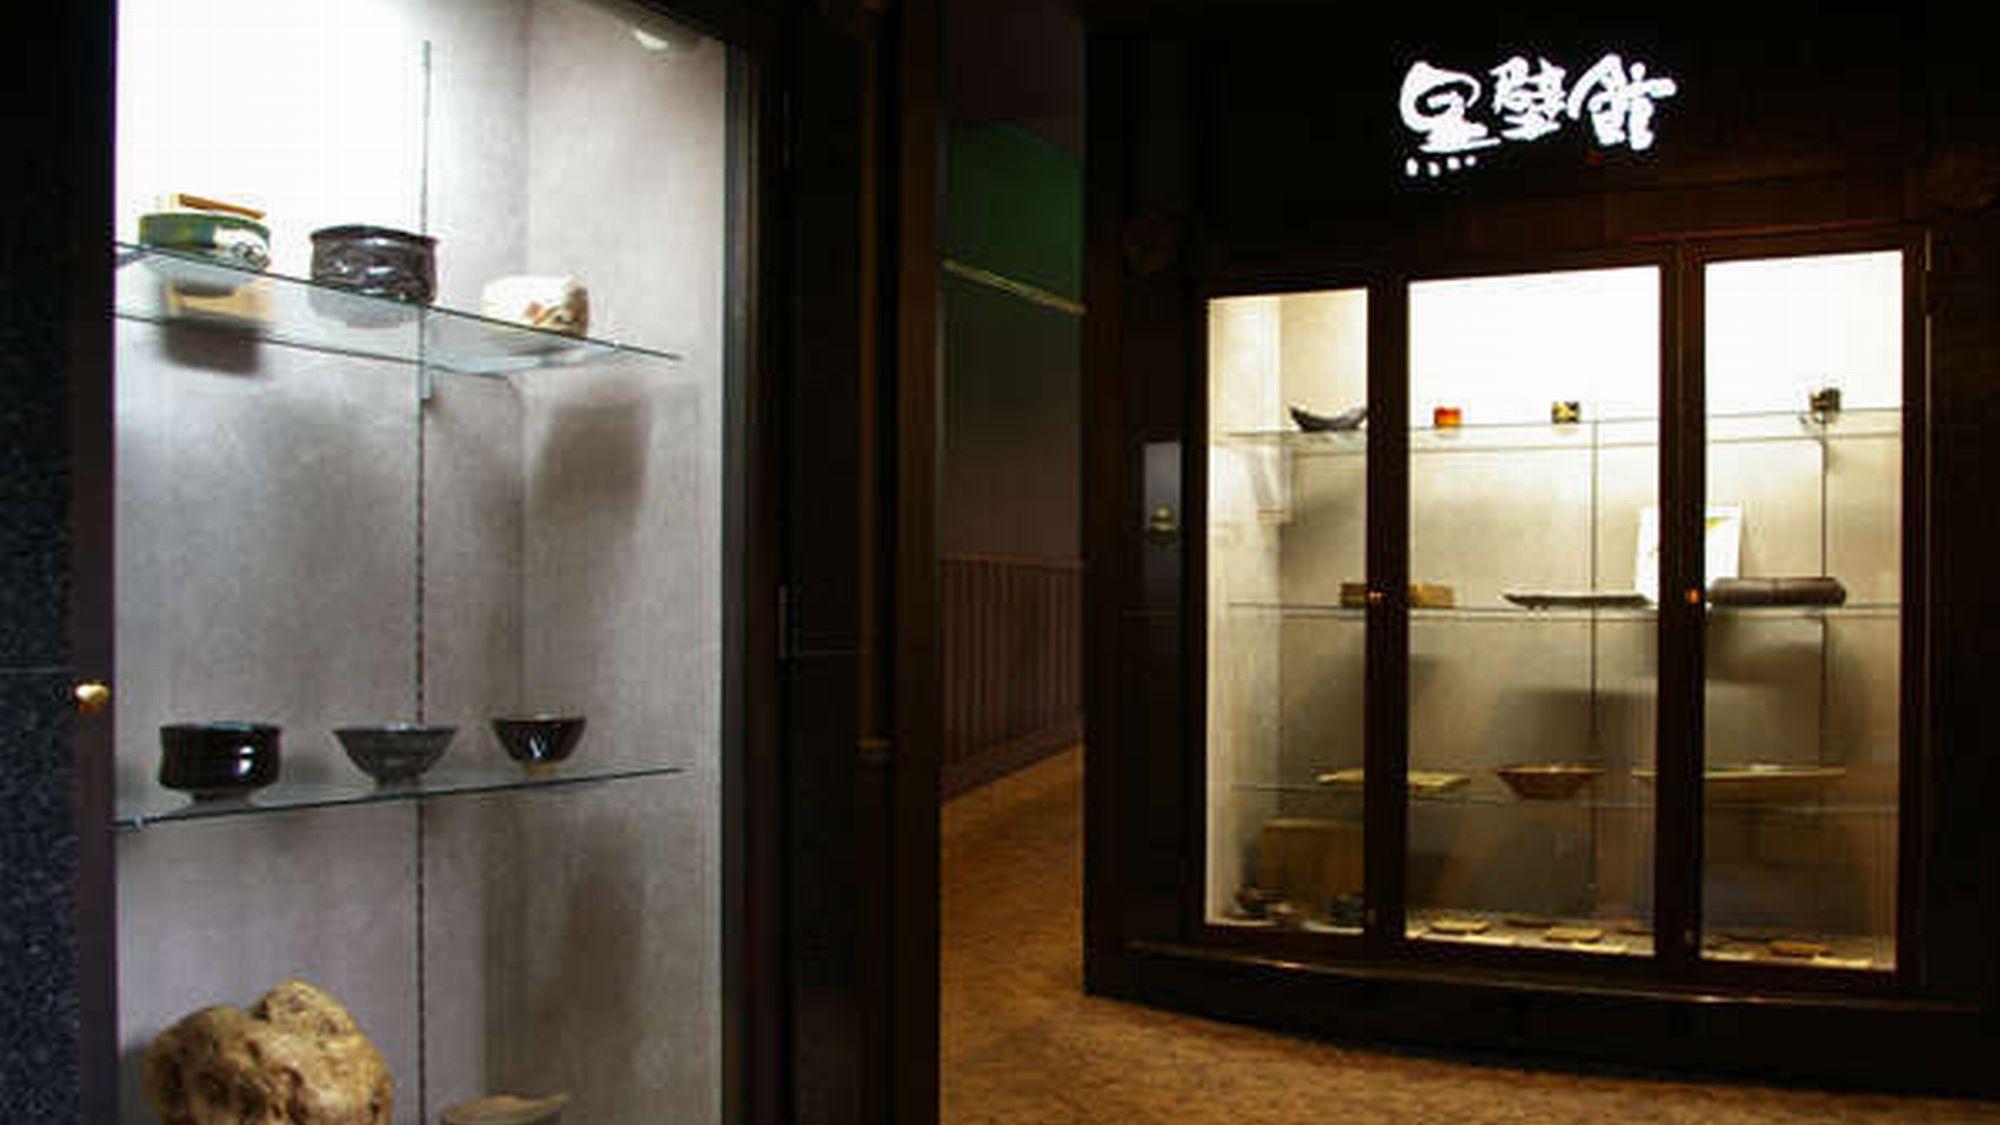 館内にある絵画や調度品を見るのもゆ楽の愉しみ方のひとつ。